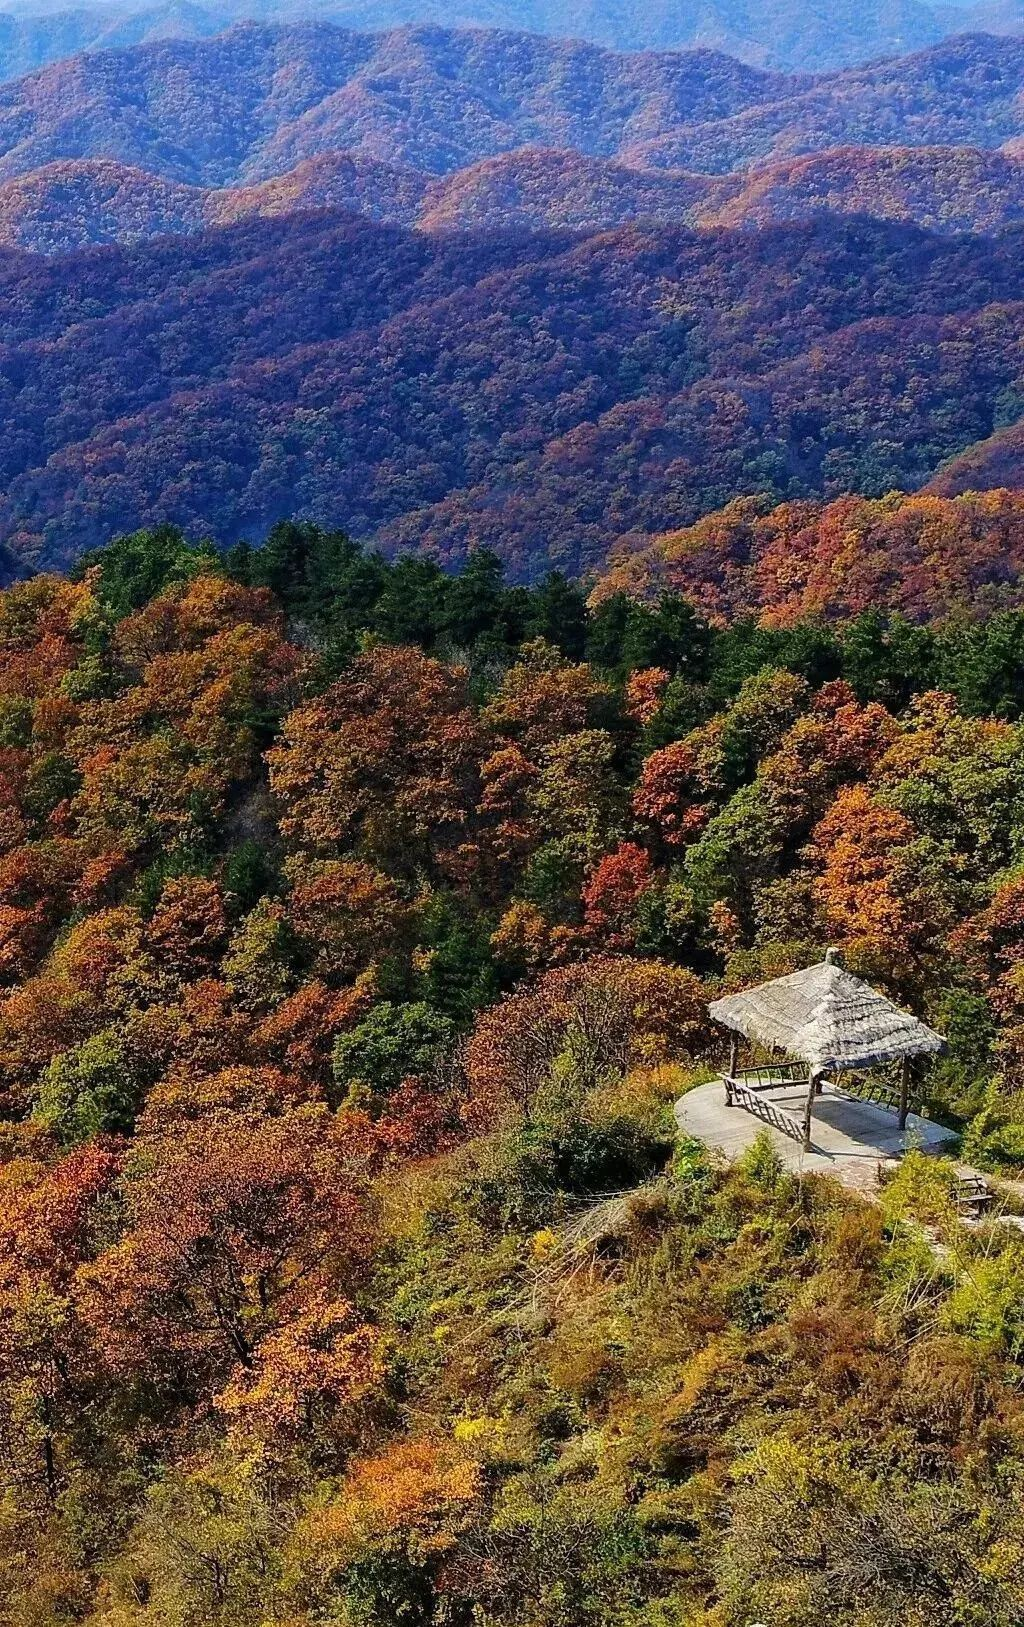 陕西秋天隐藏的秘境天堂,深秋红叶漫山遍野,处处是风光大片